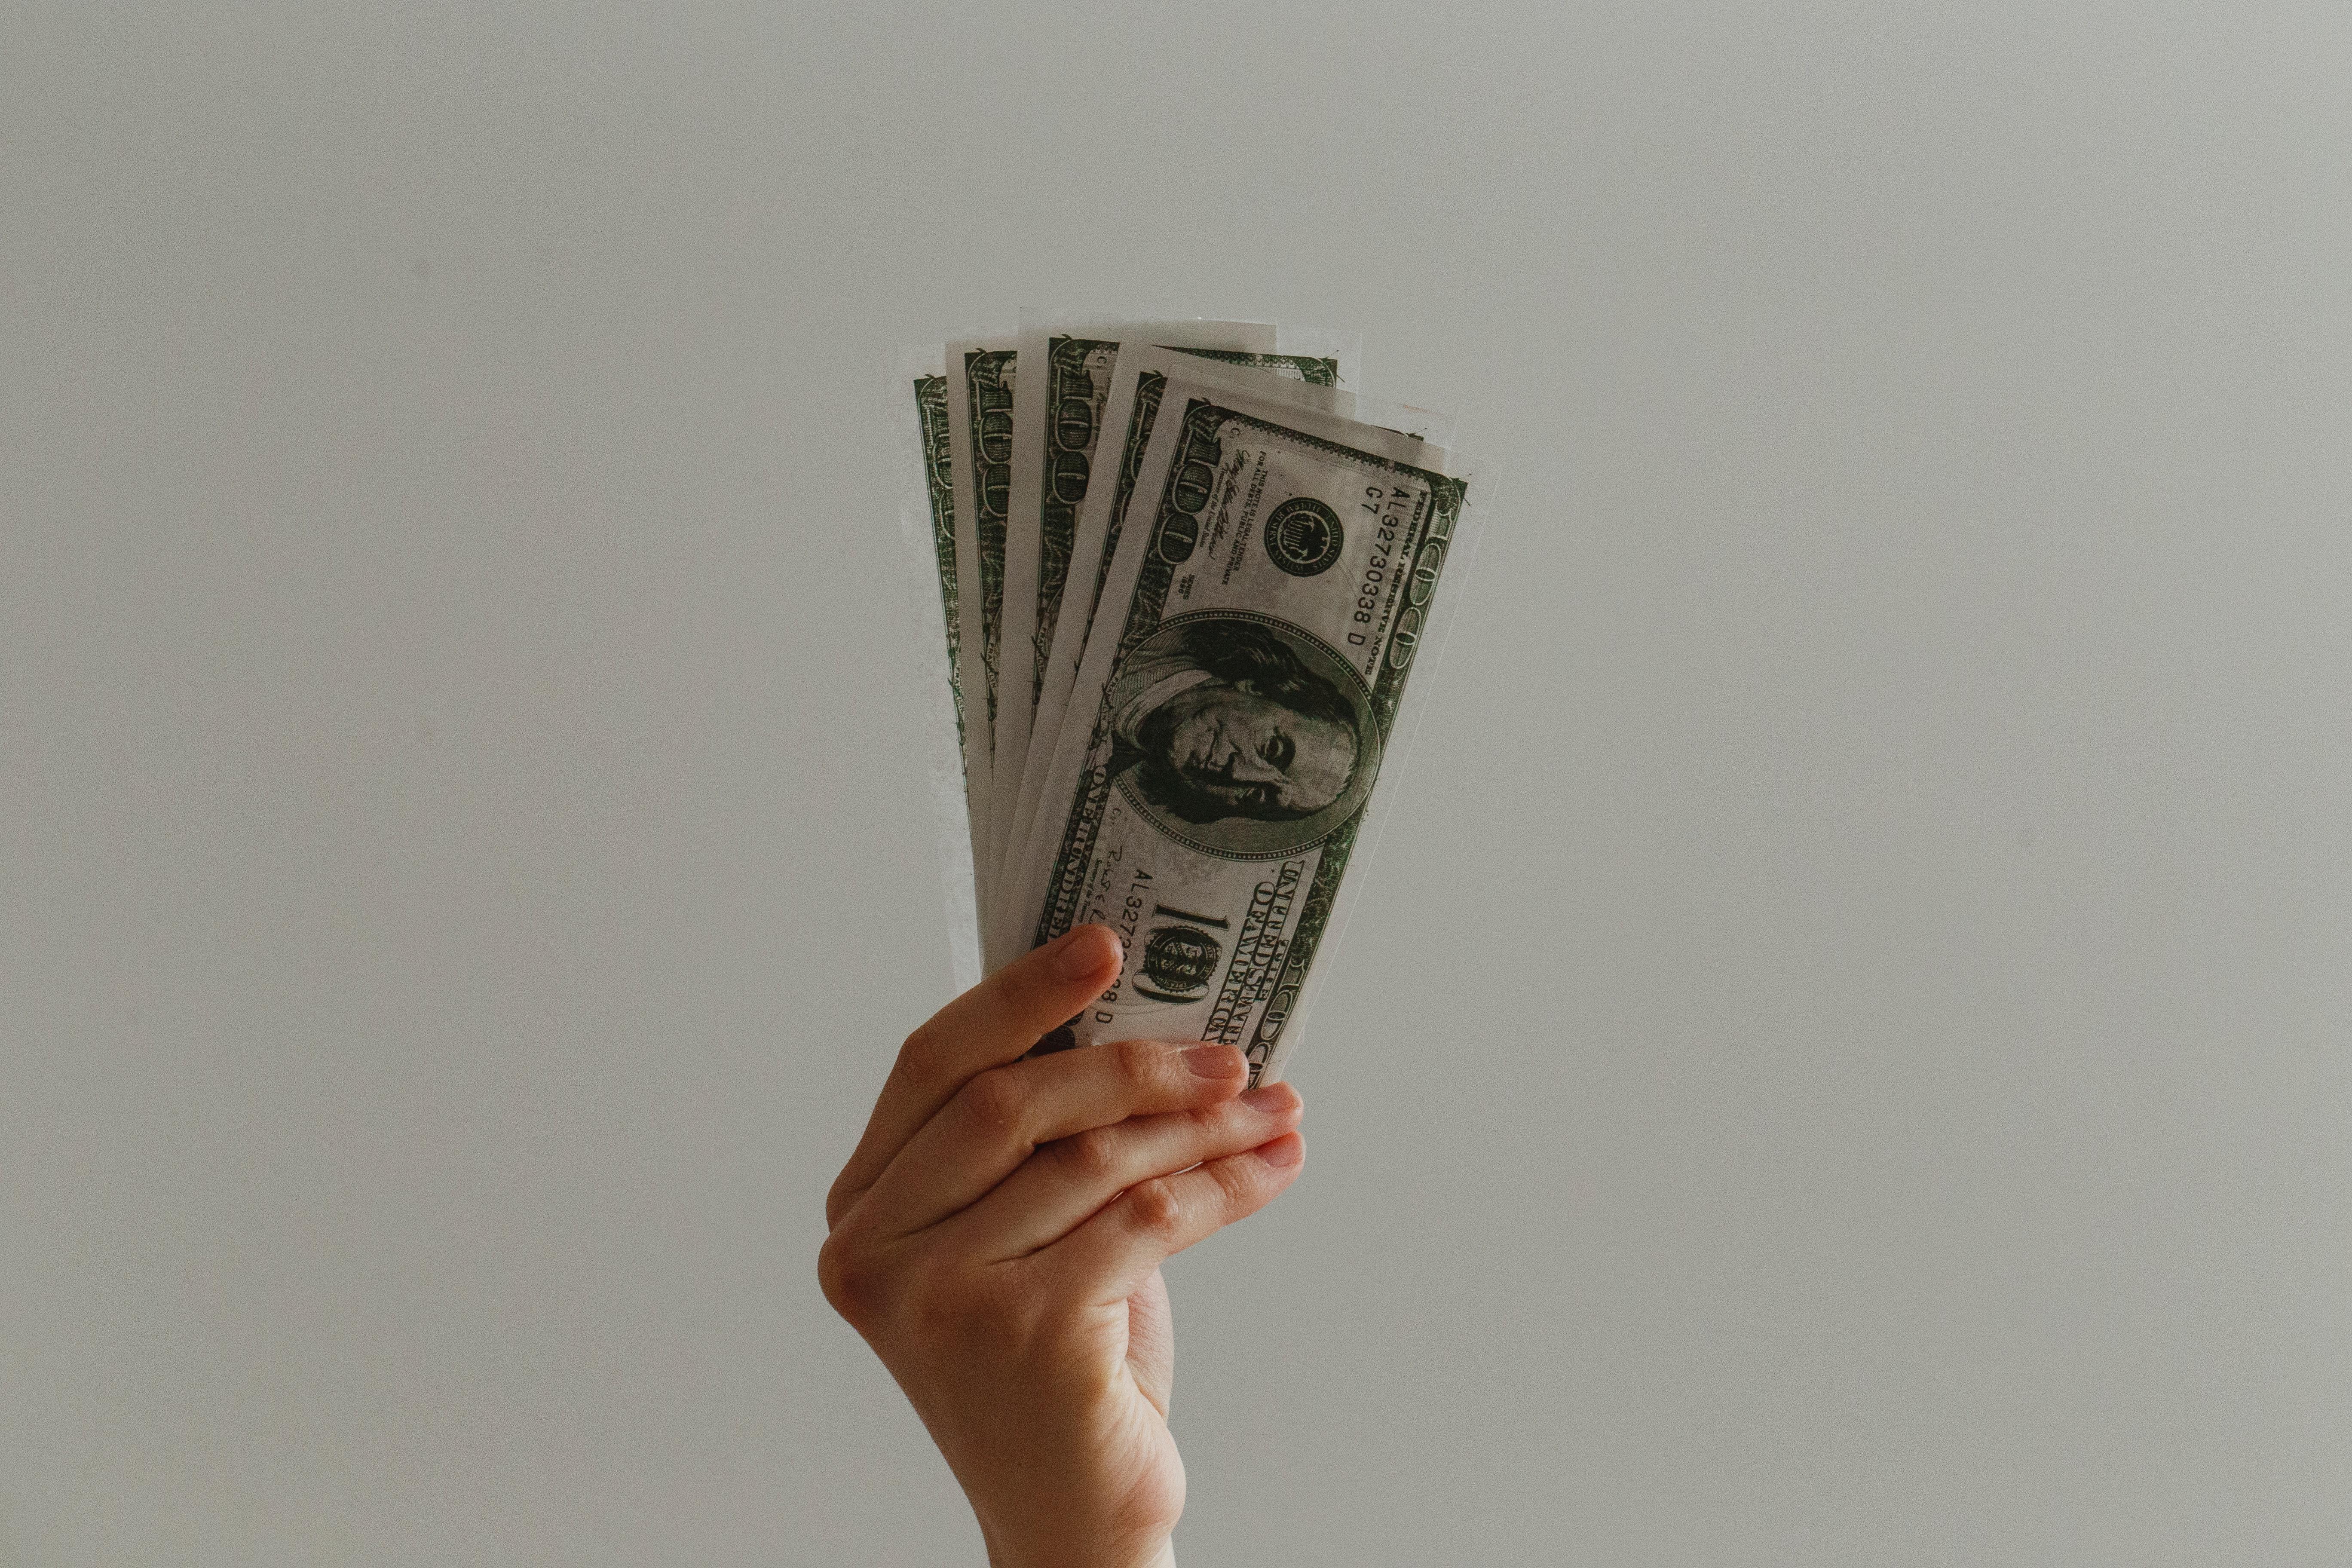 Man in work attire holding cash